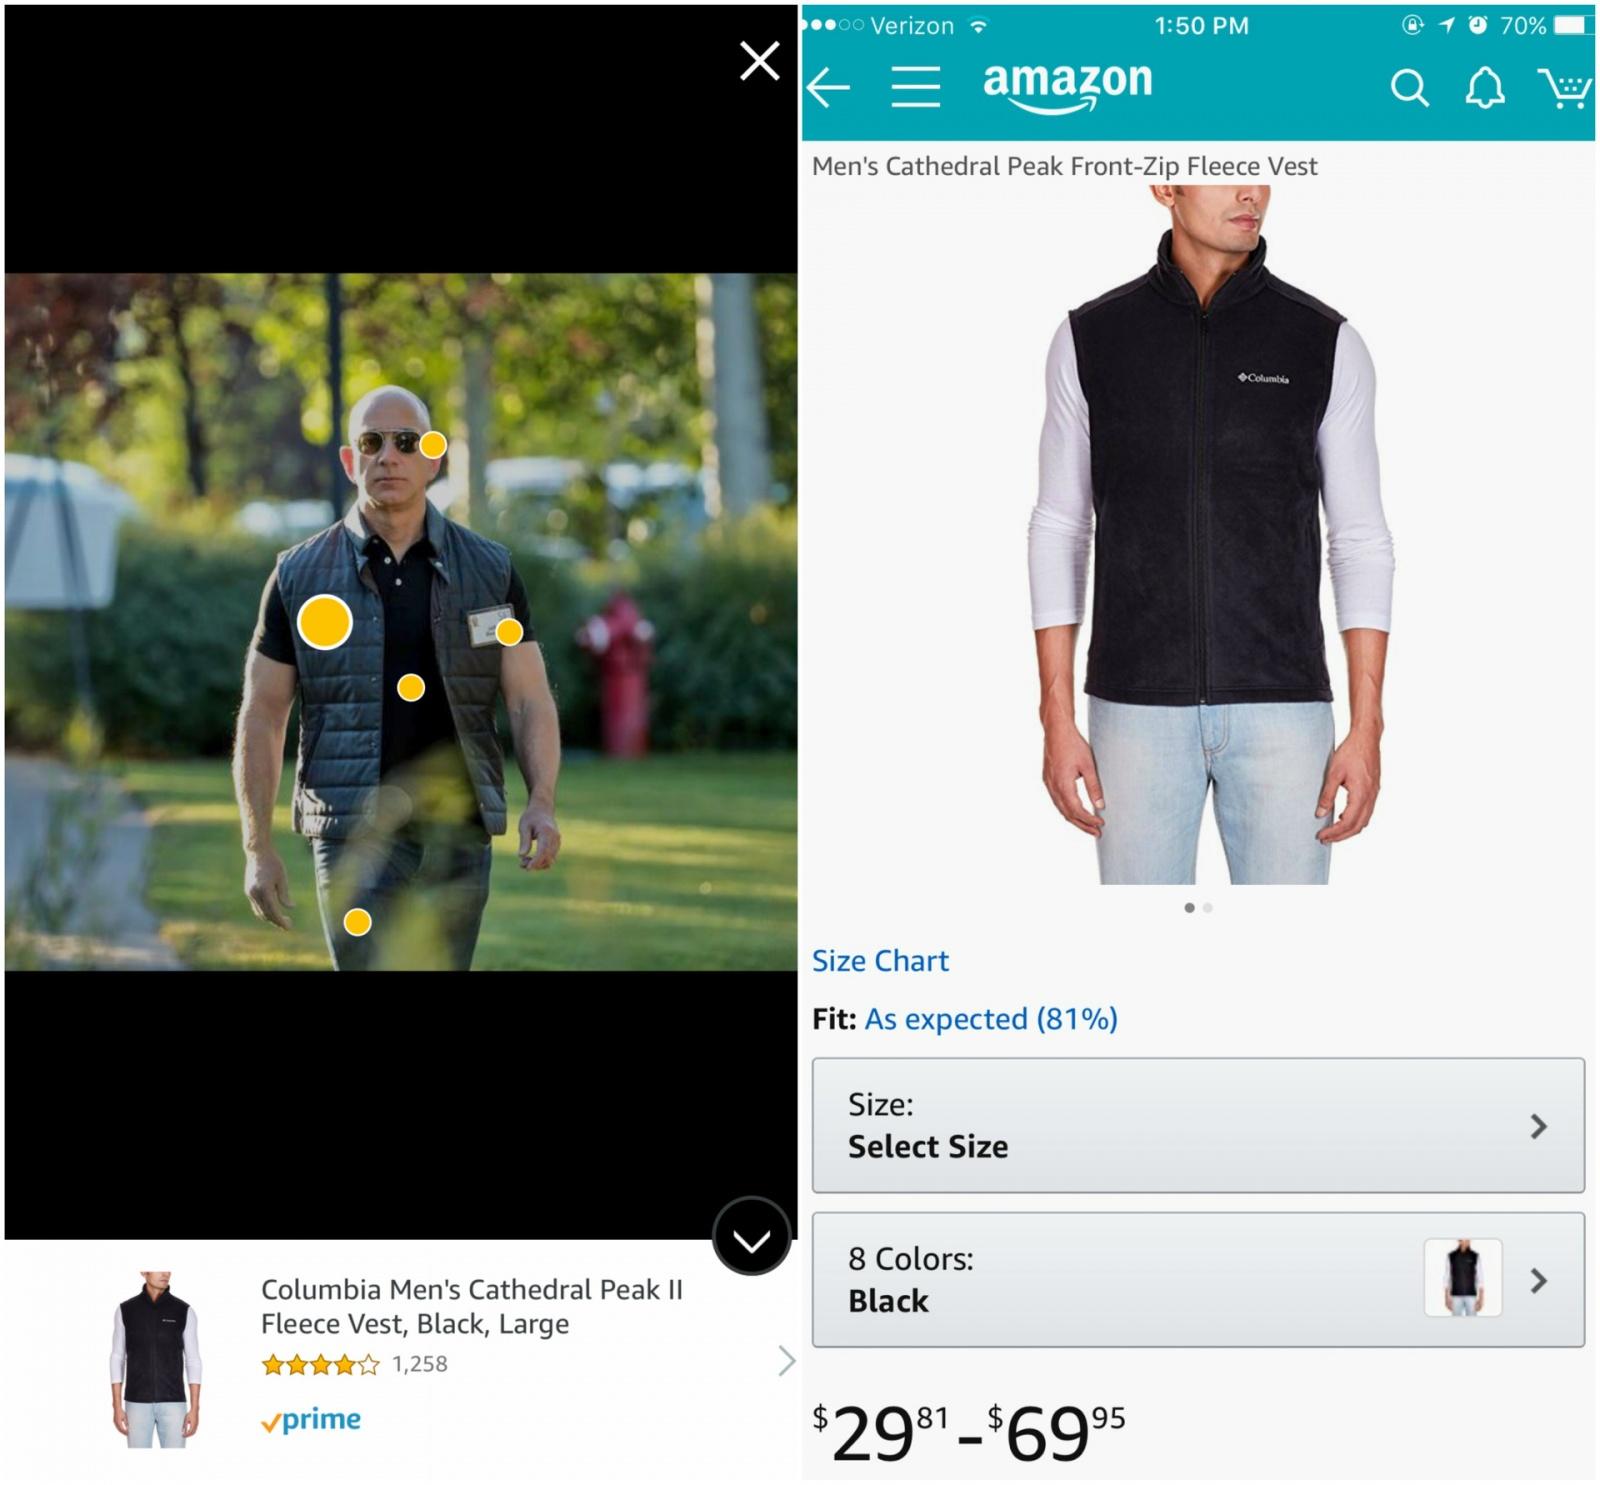 Amazon запустила свою социальную сеть, и у неё есть перспективы - 2